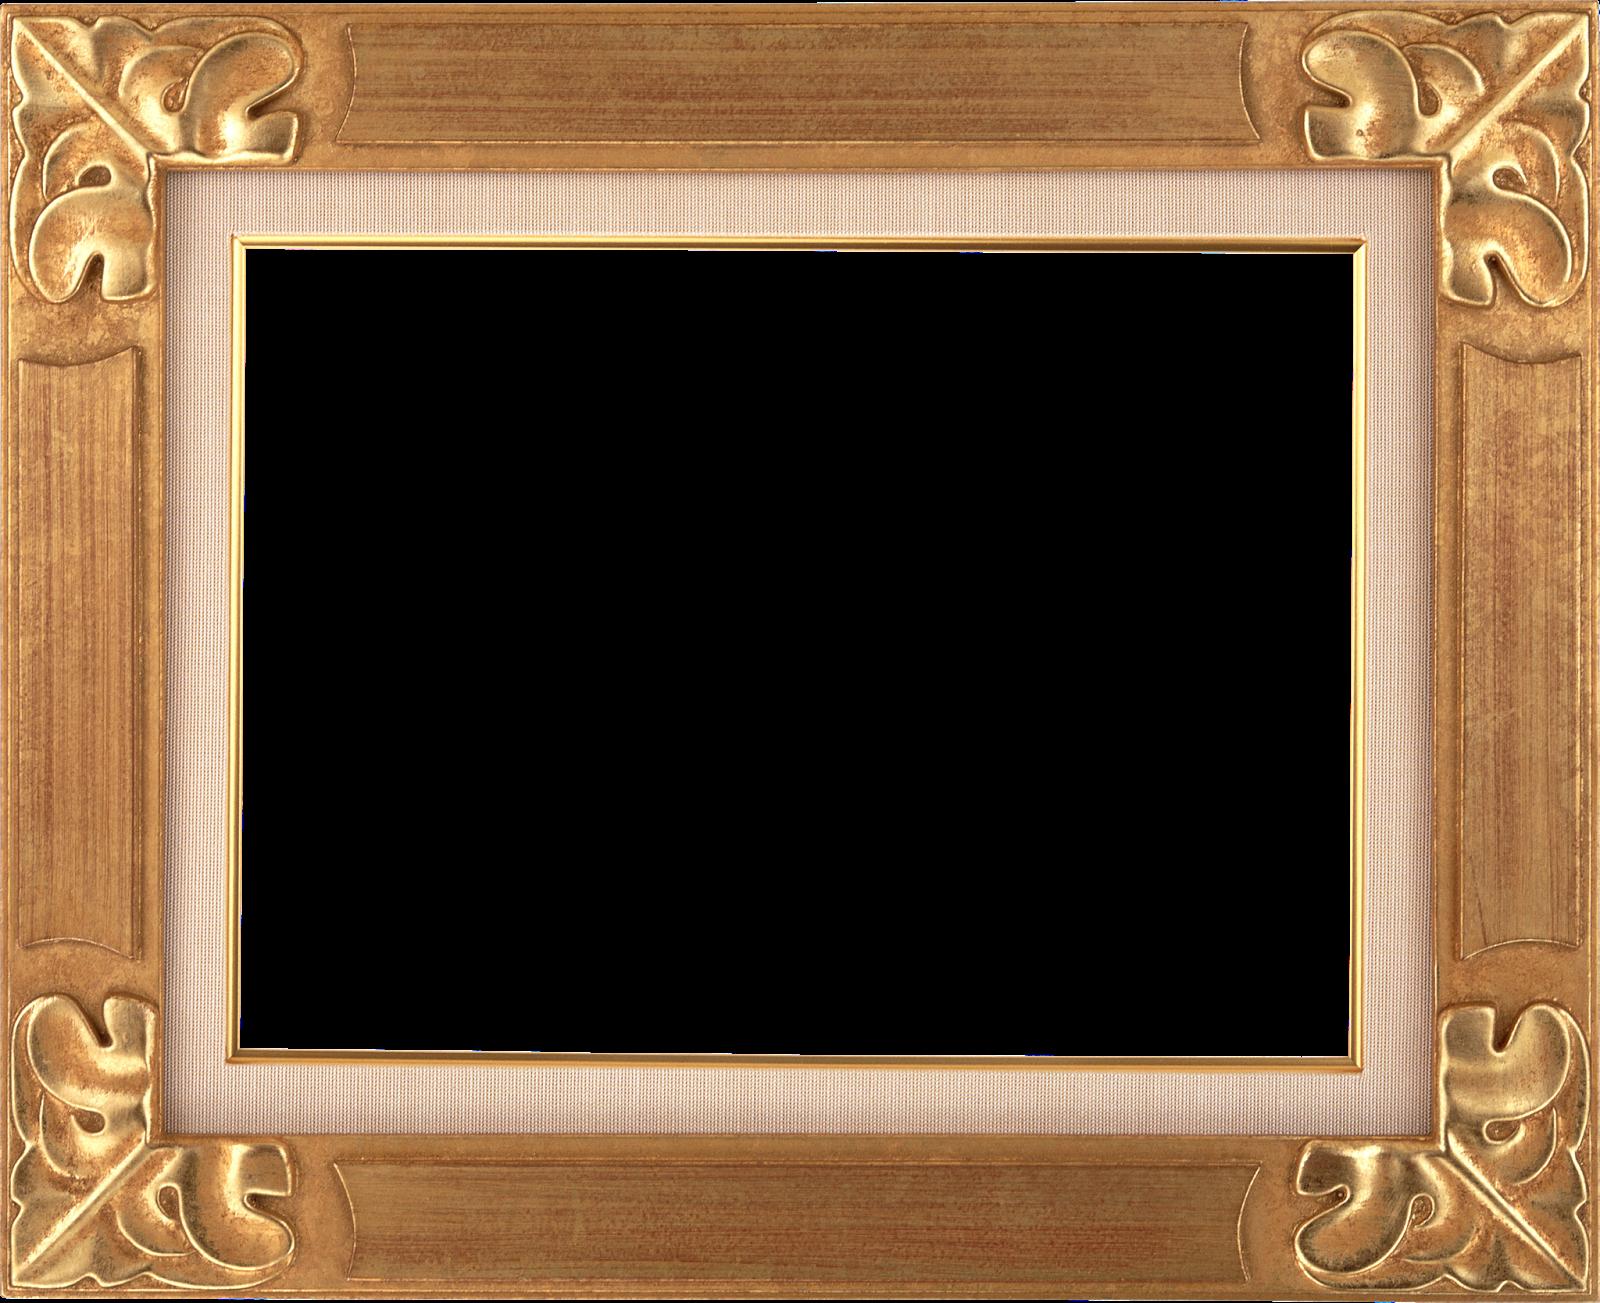 Marcos para fotos dorados fondos de pantalla y mucho m s - Marcos redondos para cuadros ...